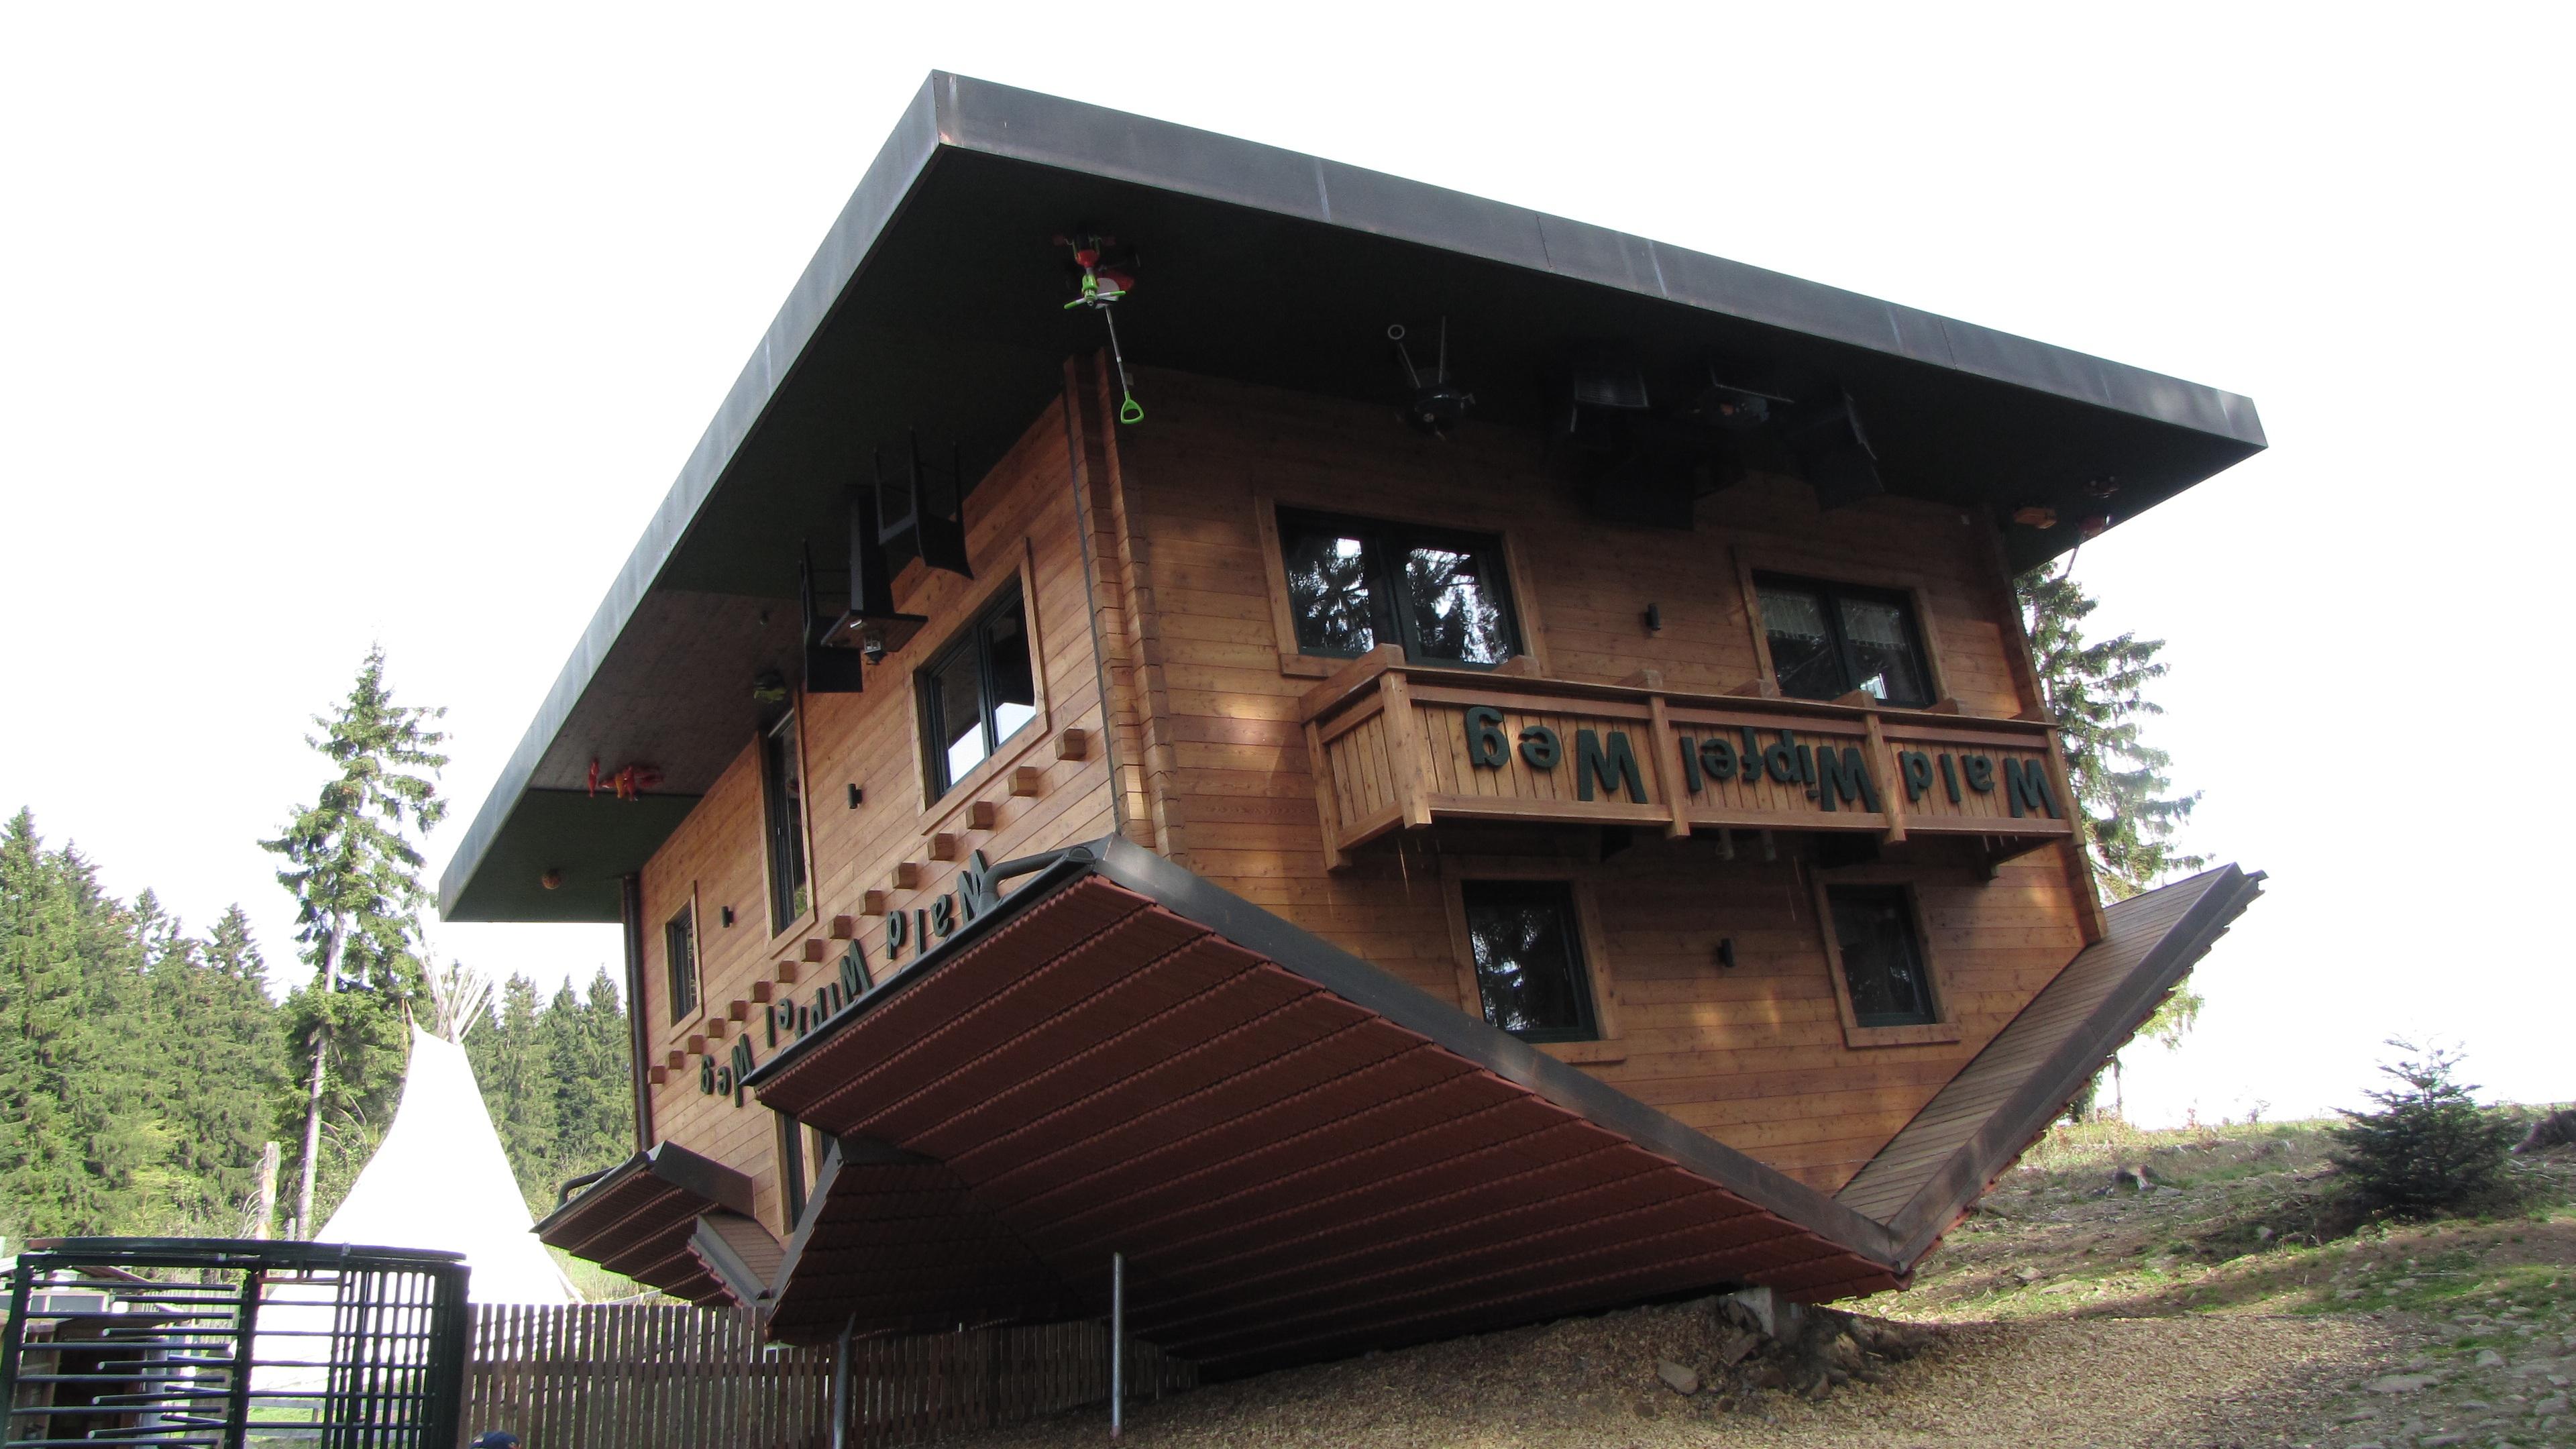 Images Gratuites Villa Maison Toit Bâtiment Chalet Façade Propriété Biens Cabane En Rondins Tourné Faux Sur La Tête 3840x2160